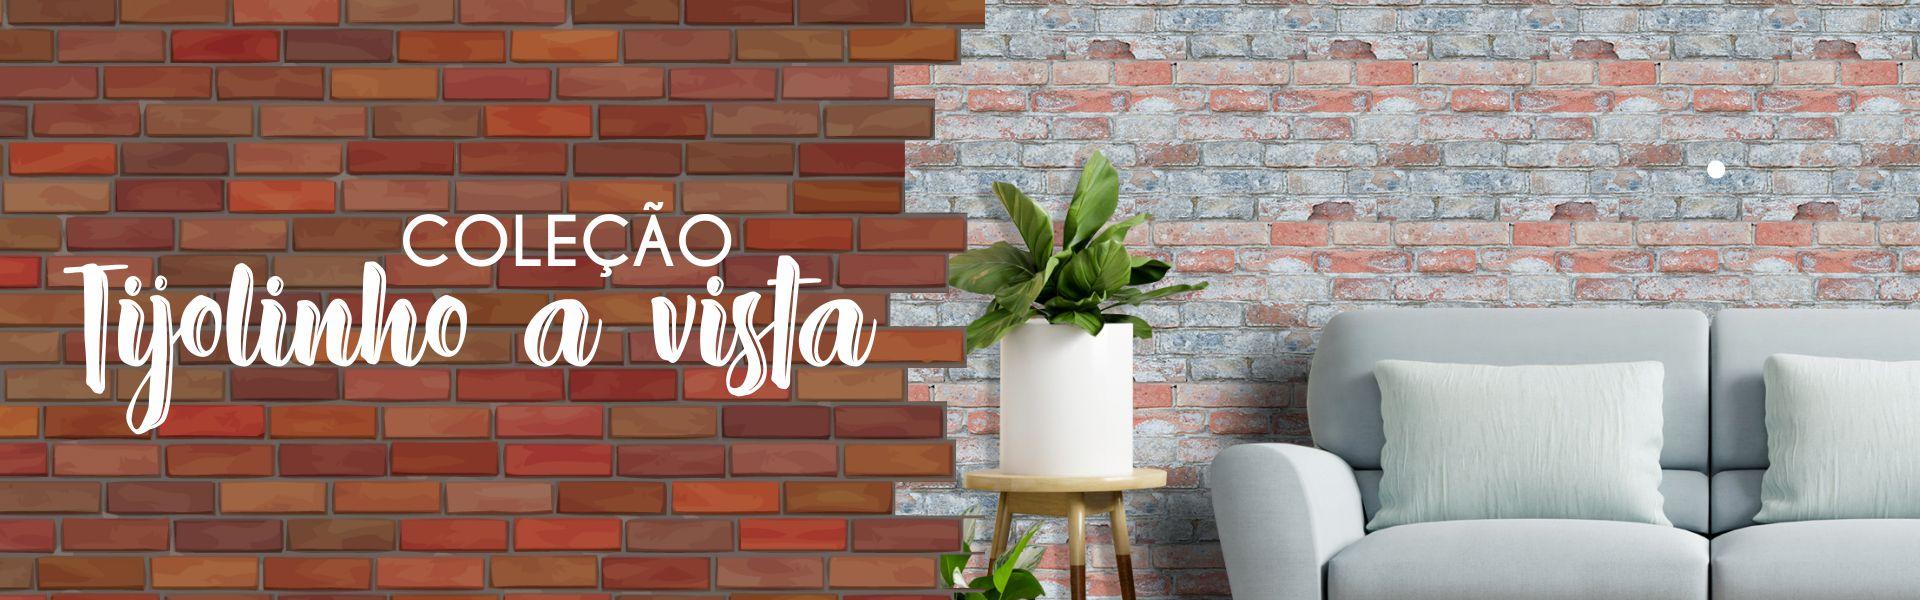 Banner Tijolinho